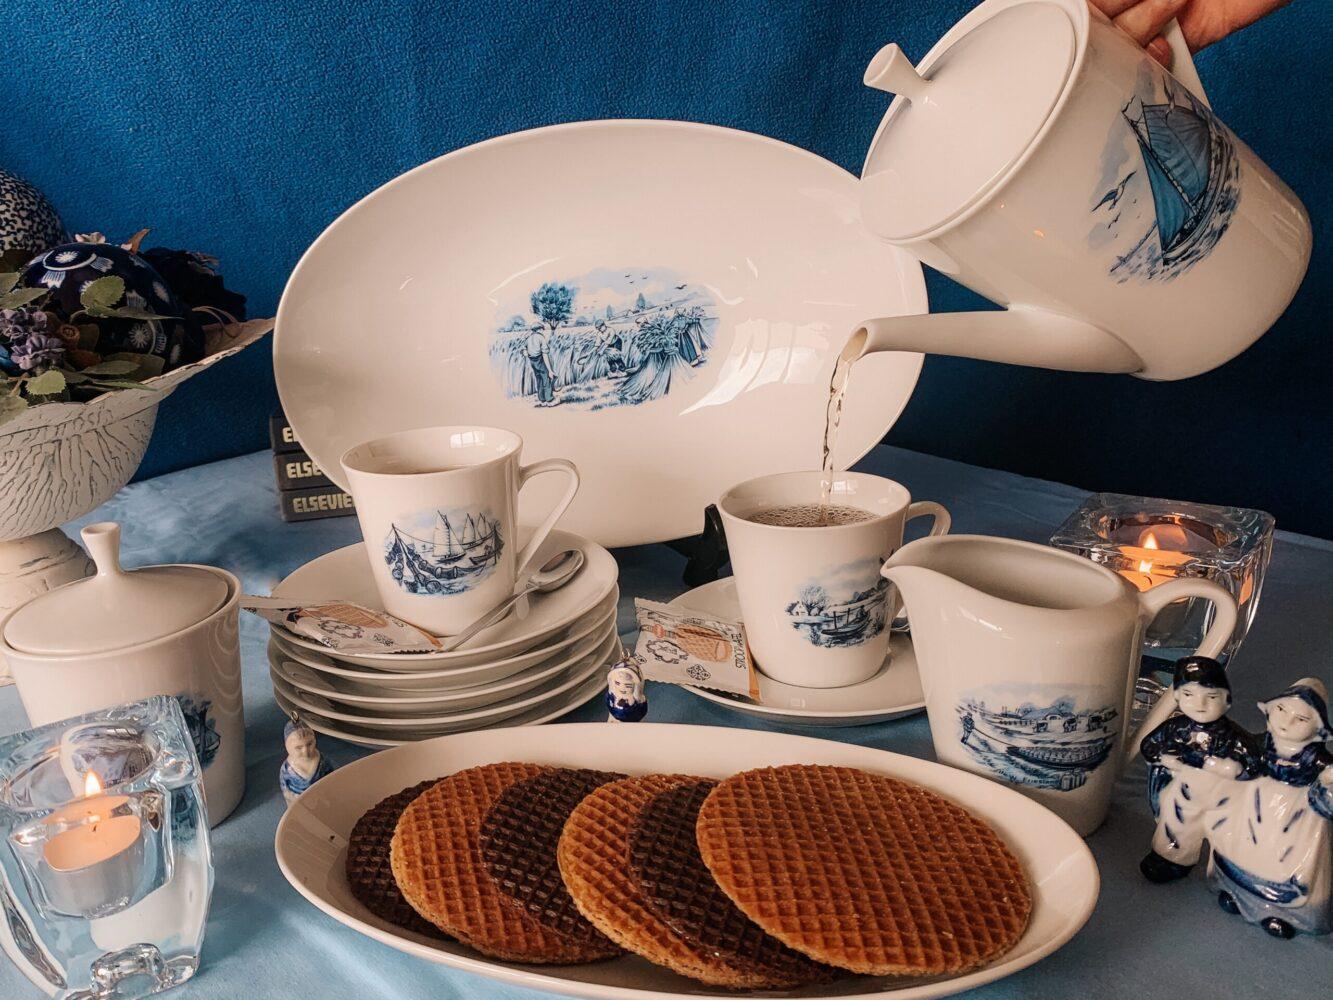 Het Gezinsleven - Lifestyle - koken en recepten - De lekkerste stroopwafels - Stroopwafels serveren met een kopje thee